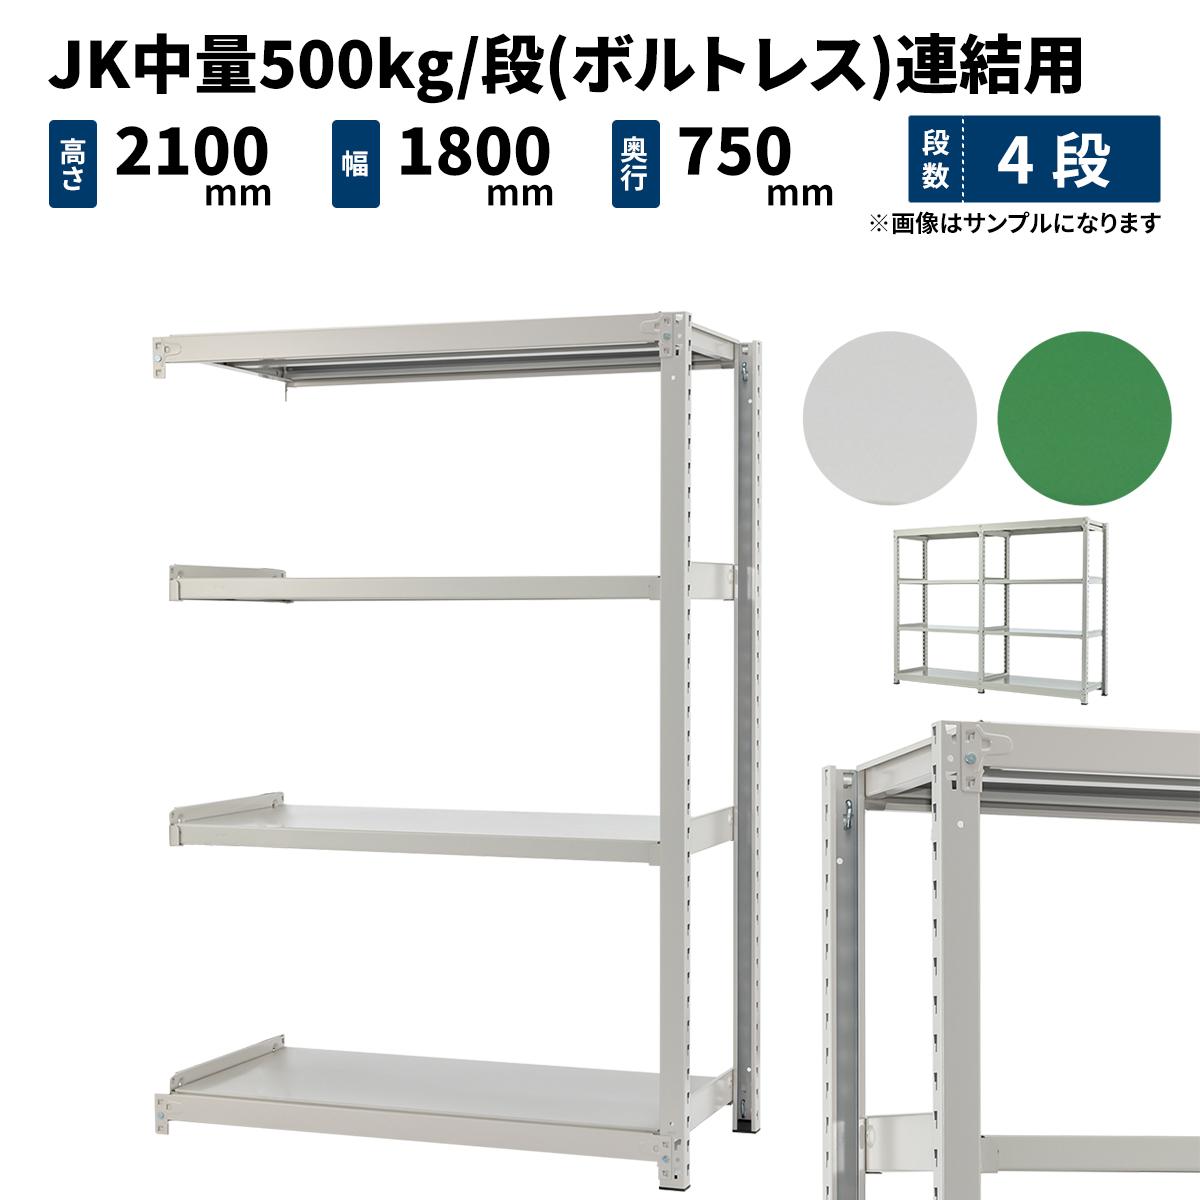 スチールラック 業務用 JK中量500kg/段(ボルトレス) 連結形式 高さ2100×幅1800×奥行750mm 4段 ホワイトグレー/グリーン (112kg) JK500_R-211875-4